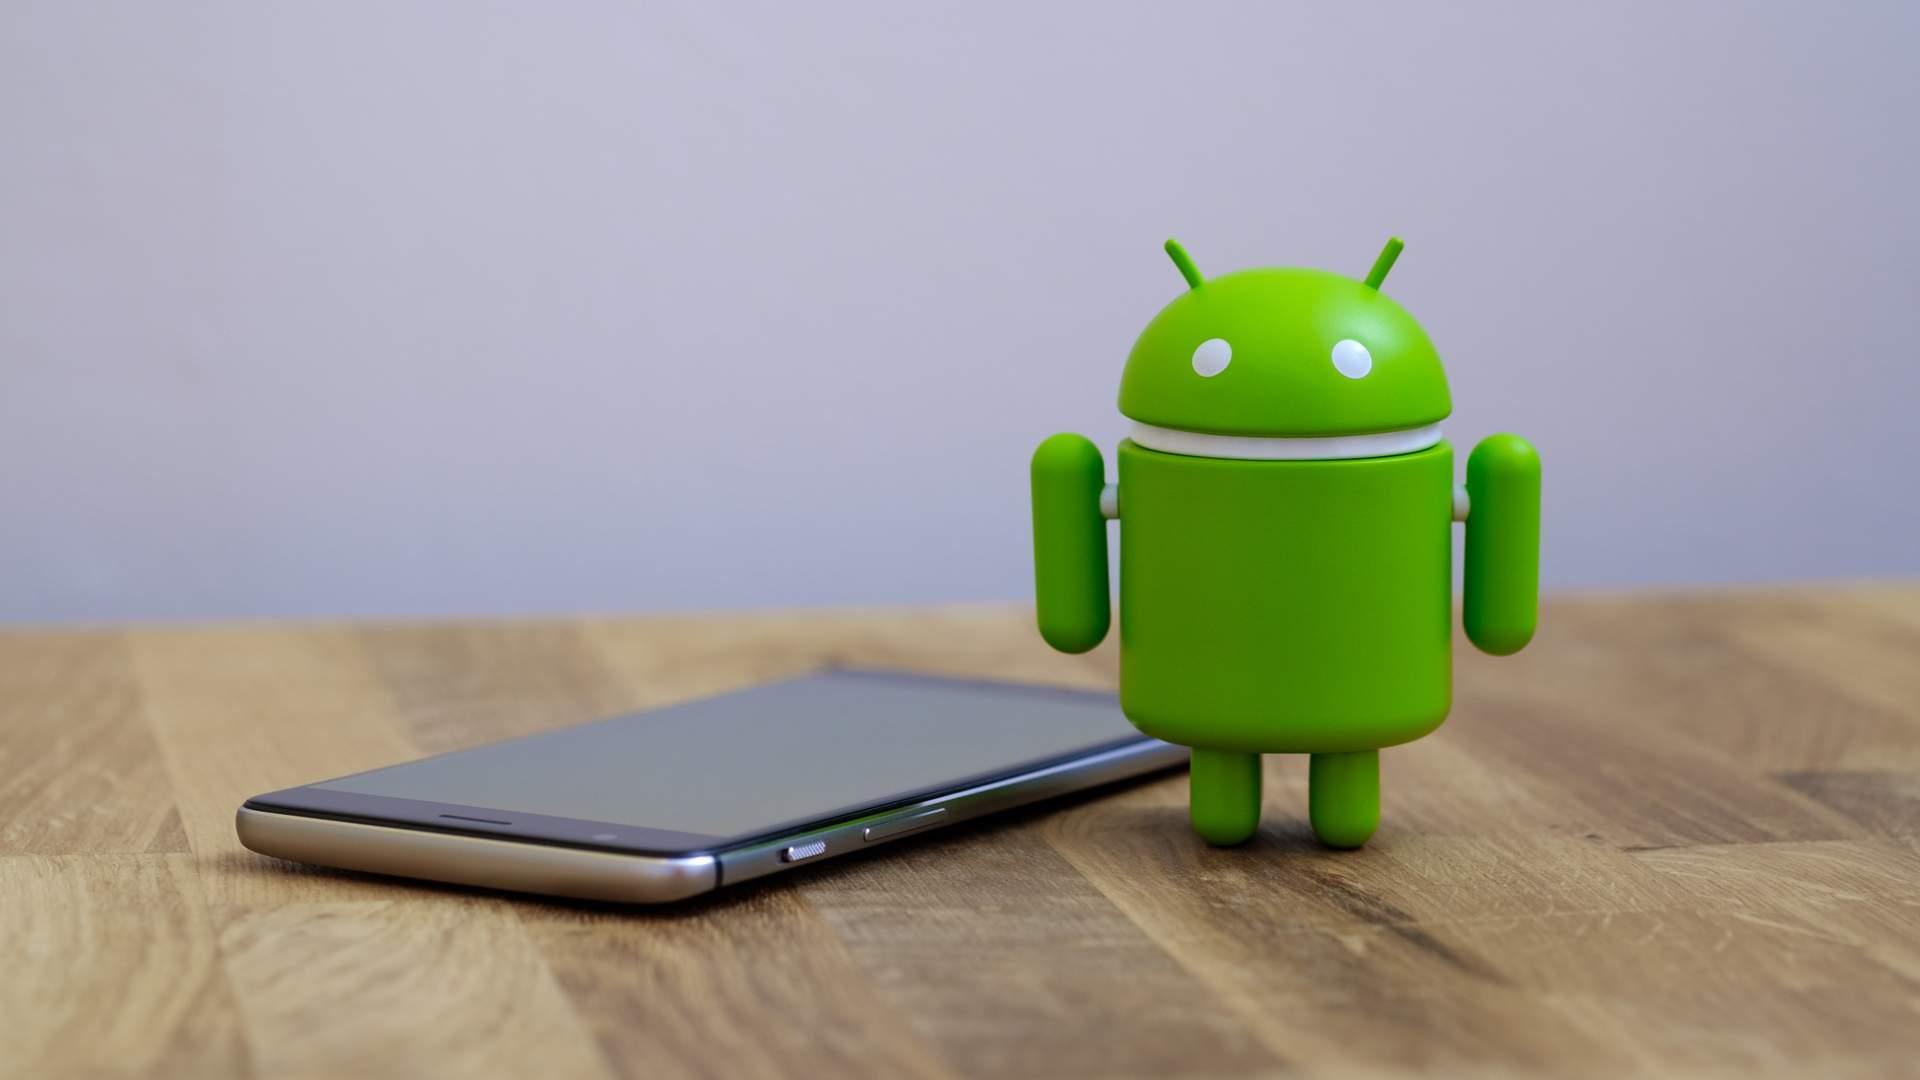 O sistema operacional Android é muito comum em celulares (Fonte: quietbits / Shutterstock.com)